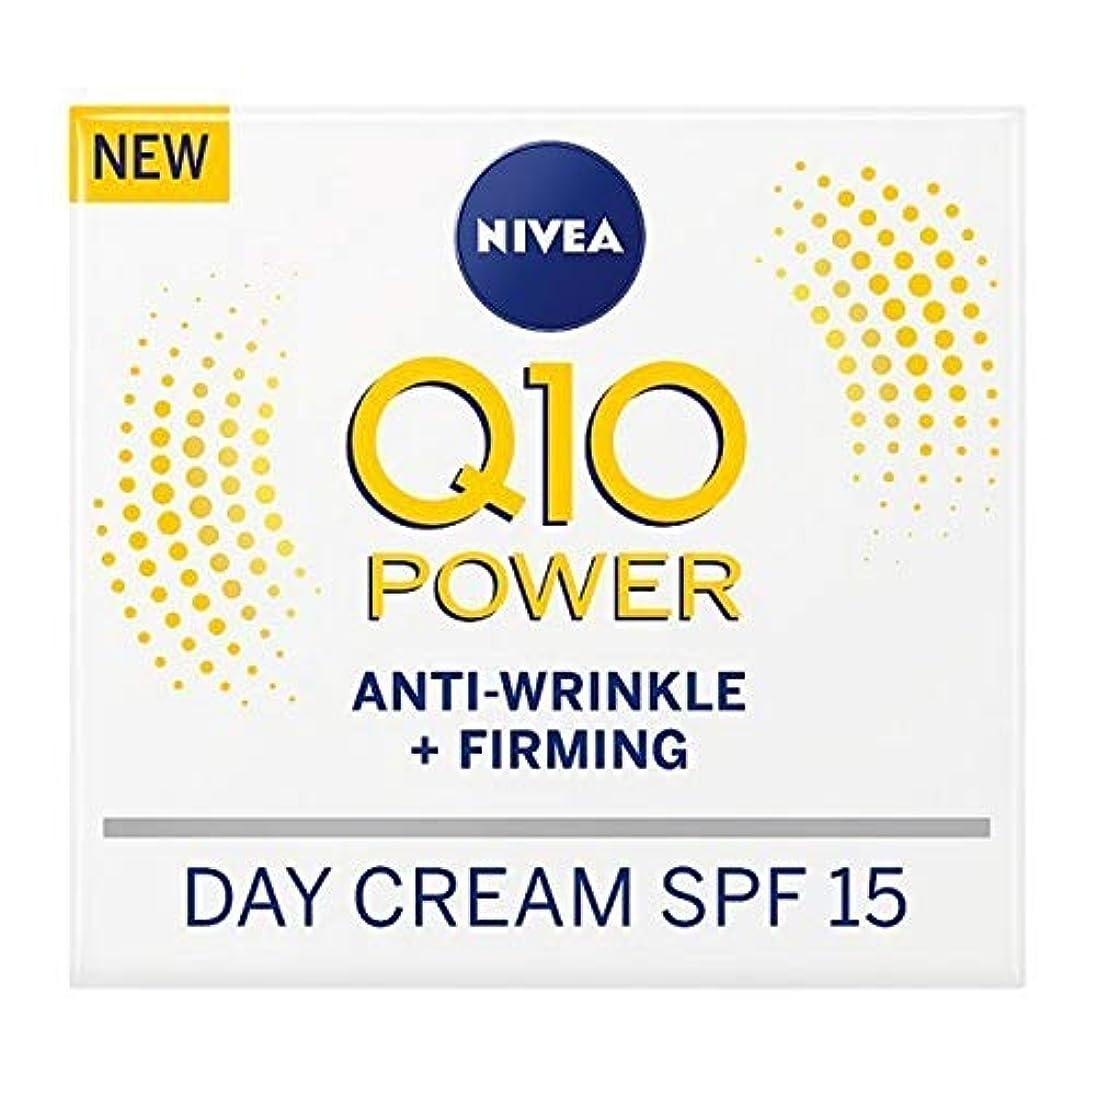 評価時間キュービック[Nivea ] ニベアQ10パワー抗しわ引き締めフェイスクリーム50Ml - NIVEA Q10 Power Anti-Wrinkle Firming Face Cream 50ml [並行輸入品]